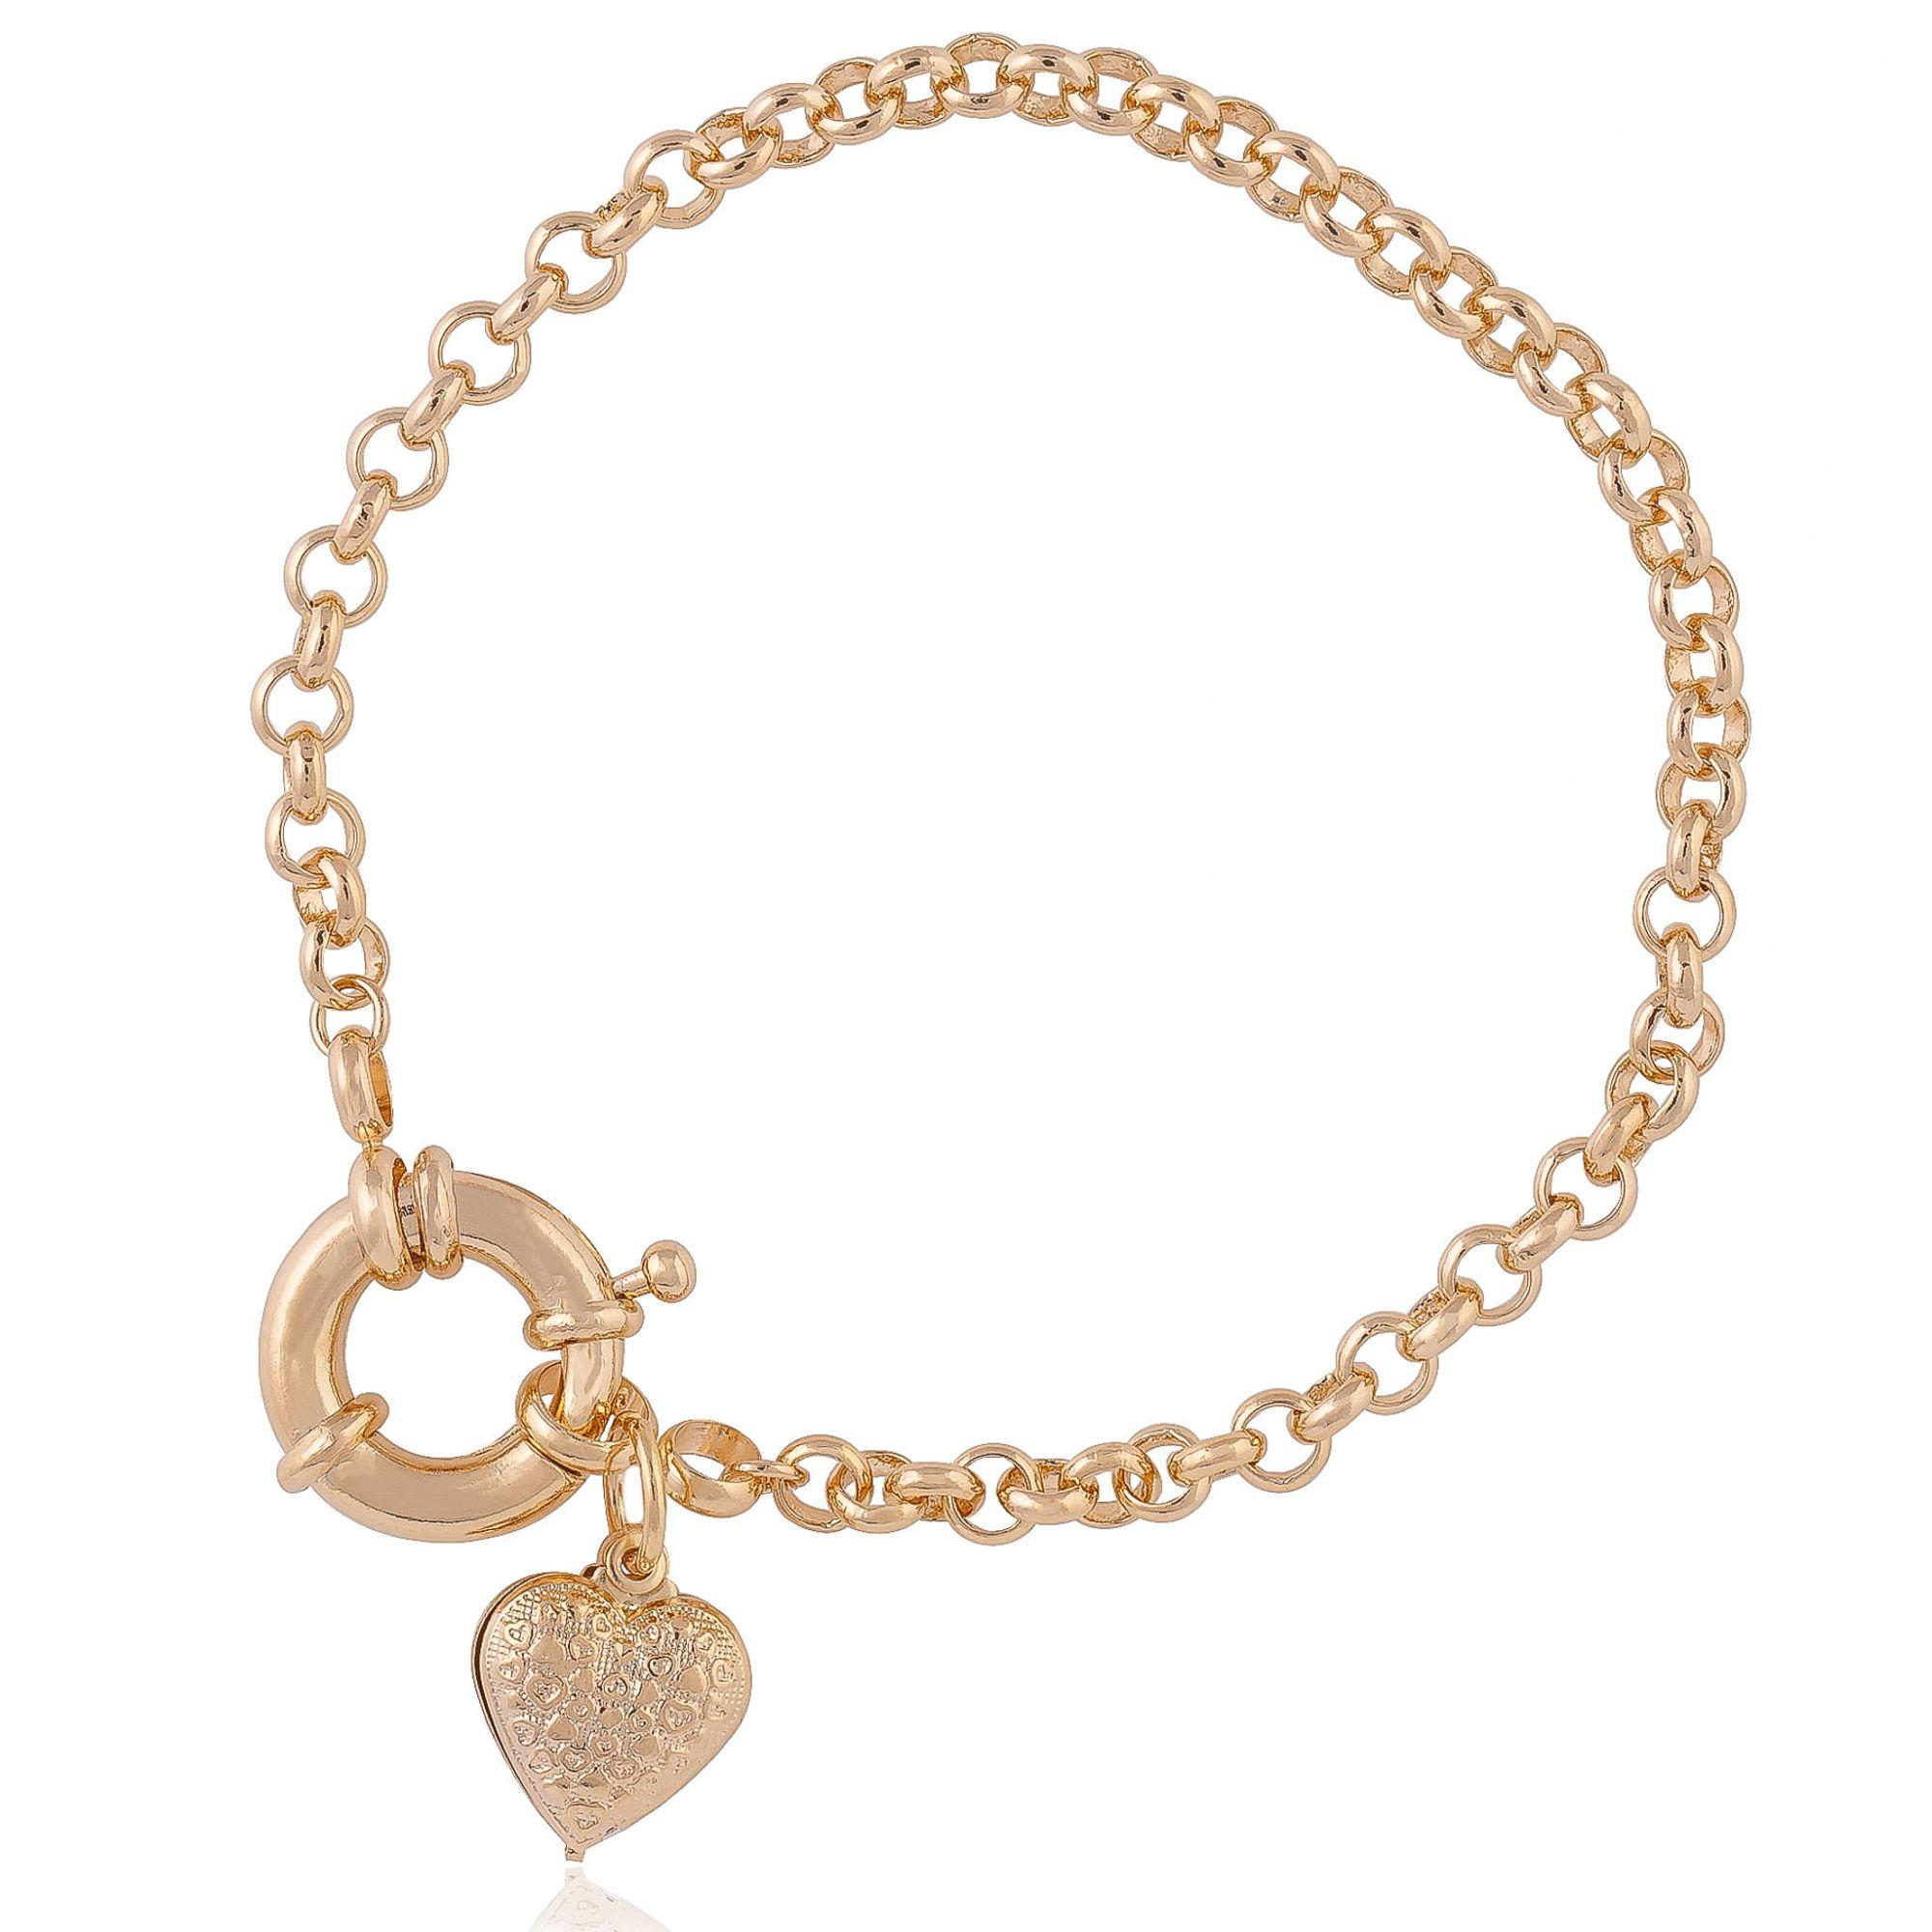 Pulseira com detalhe de coração banhada a ouro 18k.  - romabrazil.com.br